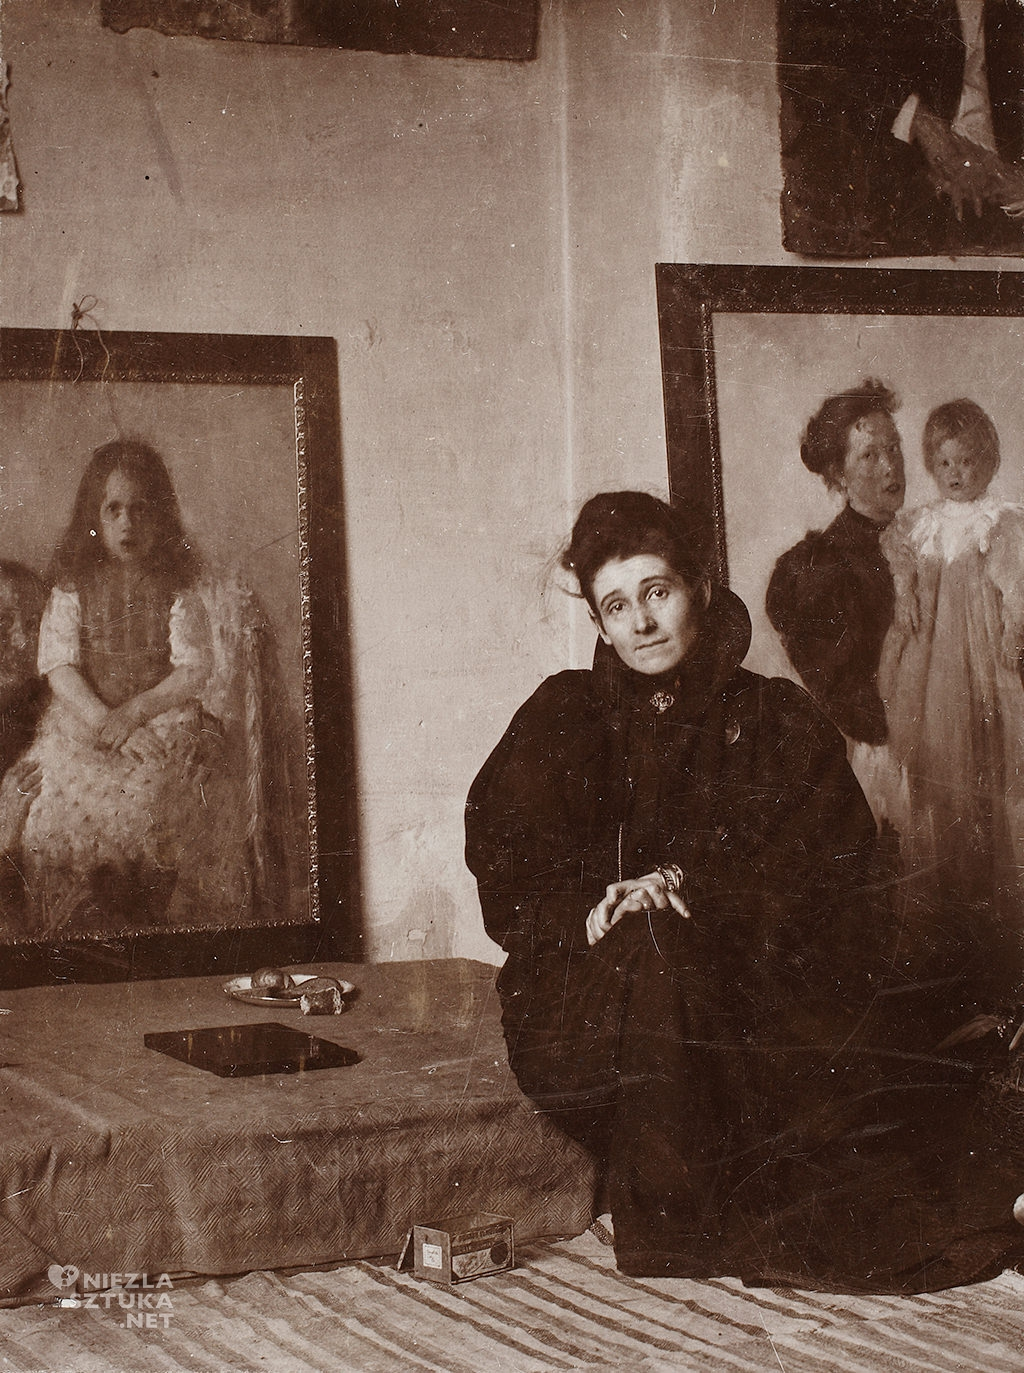 Olga Boznańska w pracowni w Monachium, fotografia, Niezła sztuka